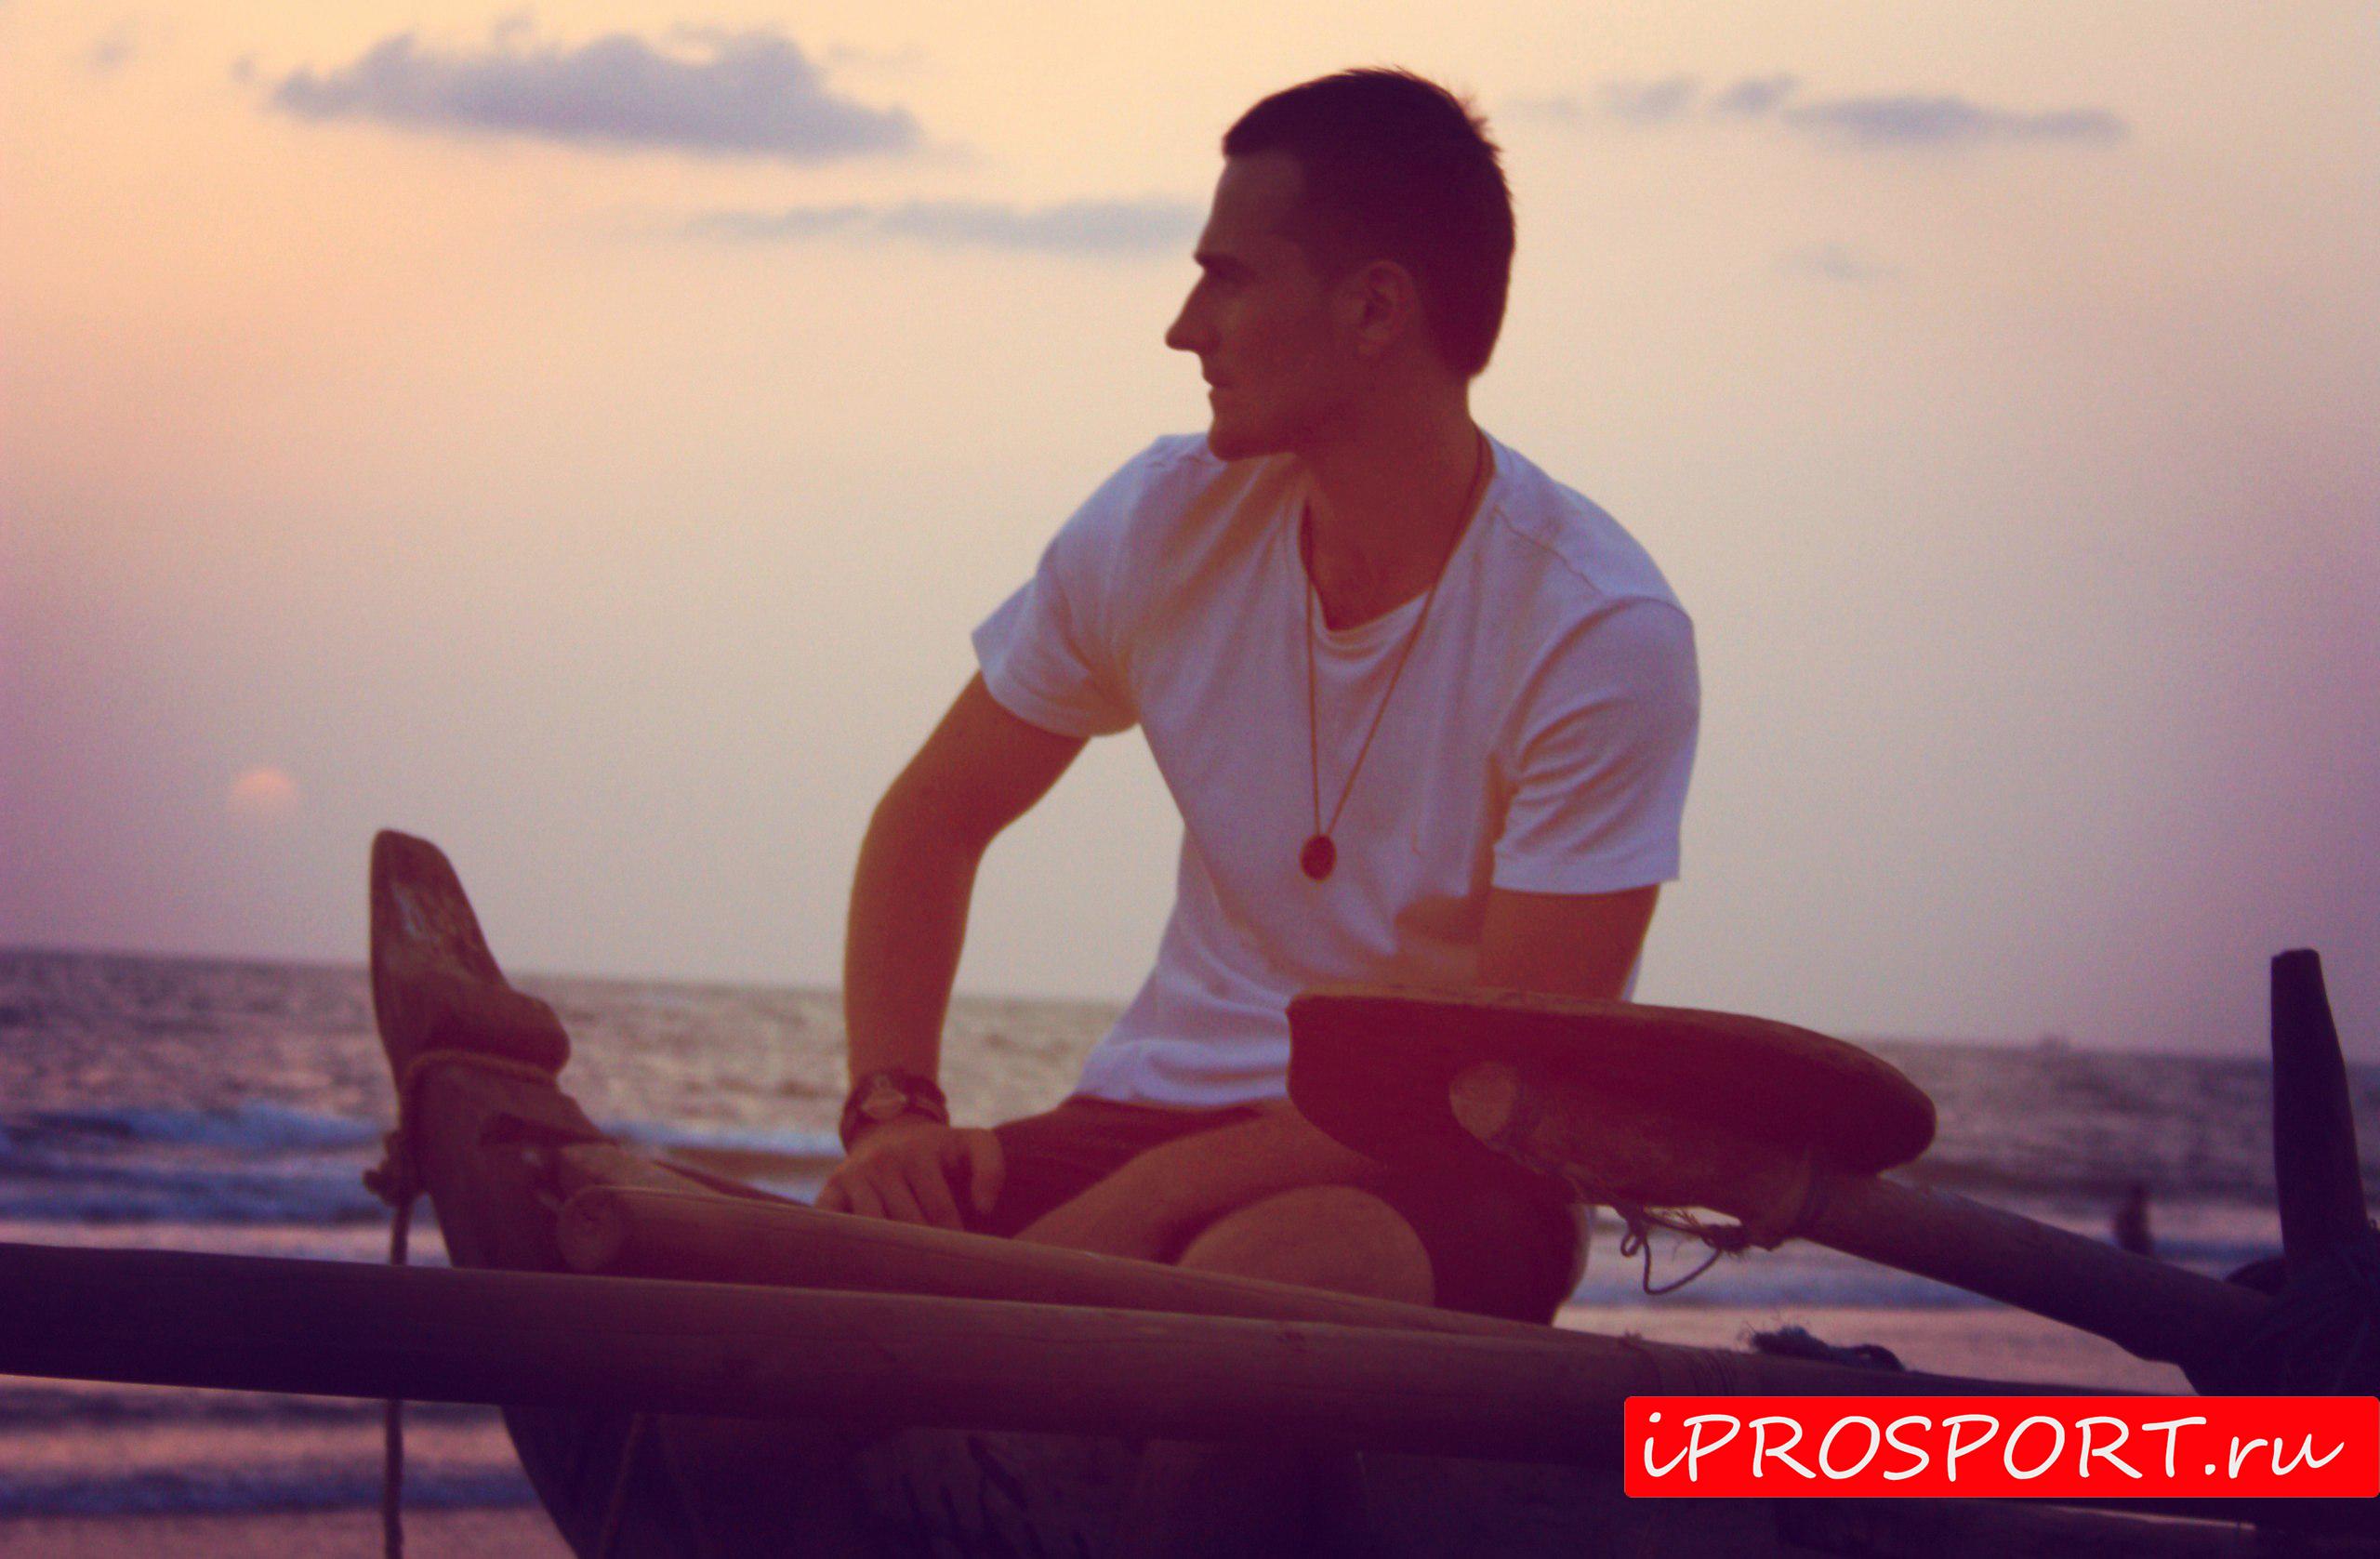 Йога в Индии. Первый опыт практики с Индийским йогом.